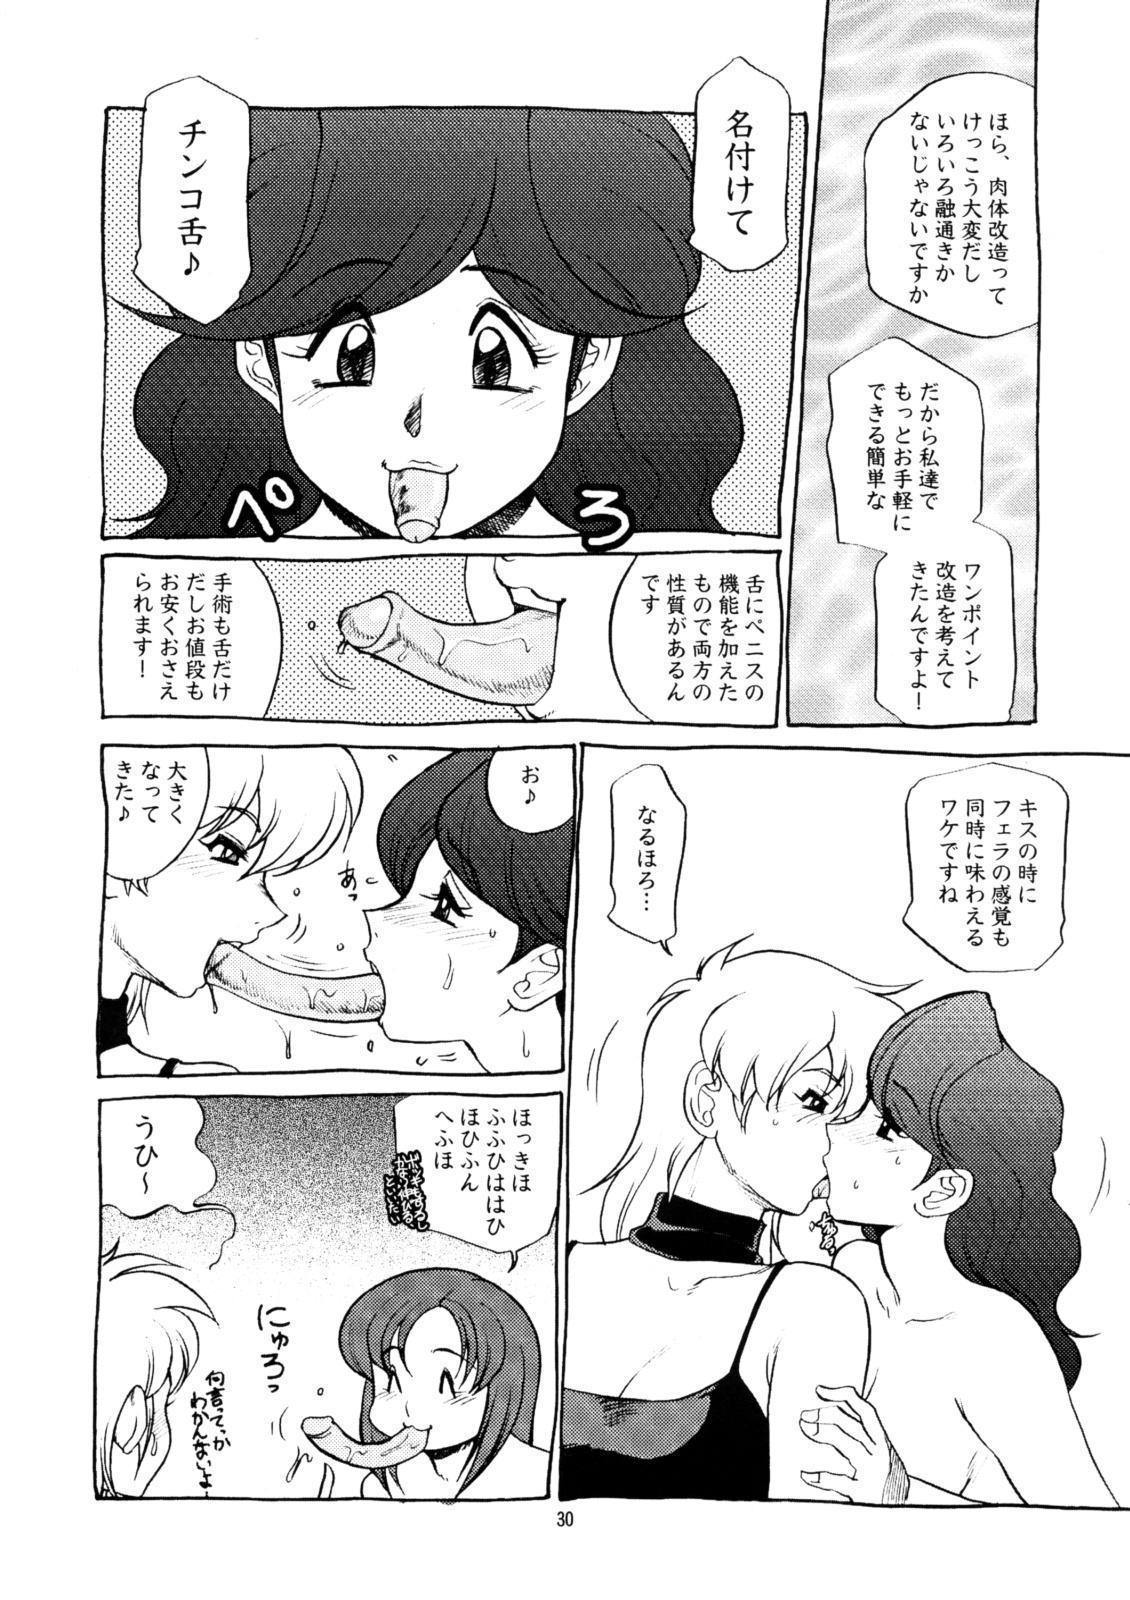 Momo-an 20 28